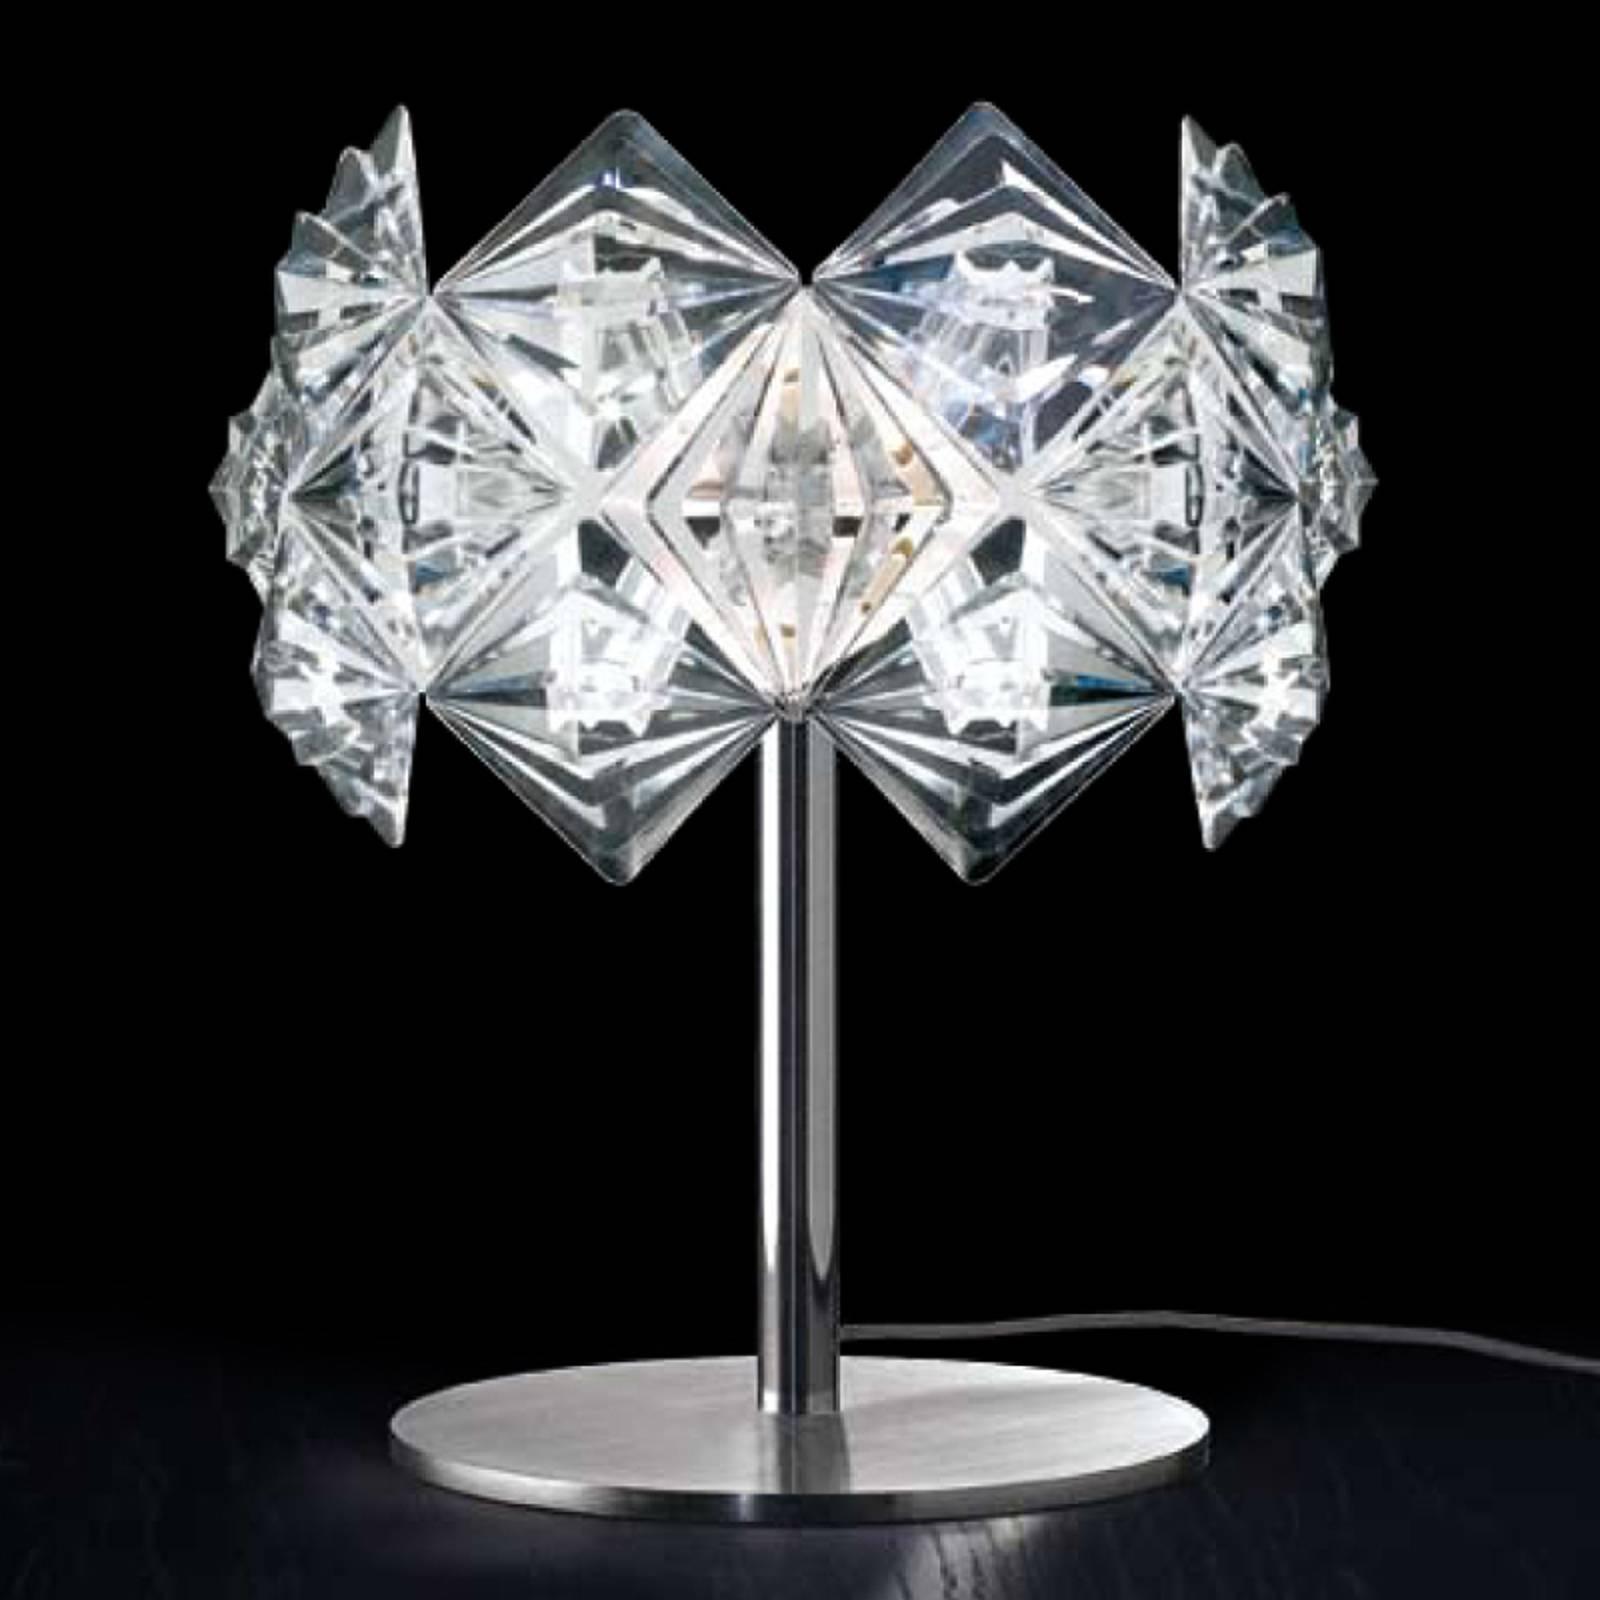 Tischleuchte Prisma mit funkelndem Schirm